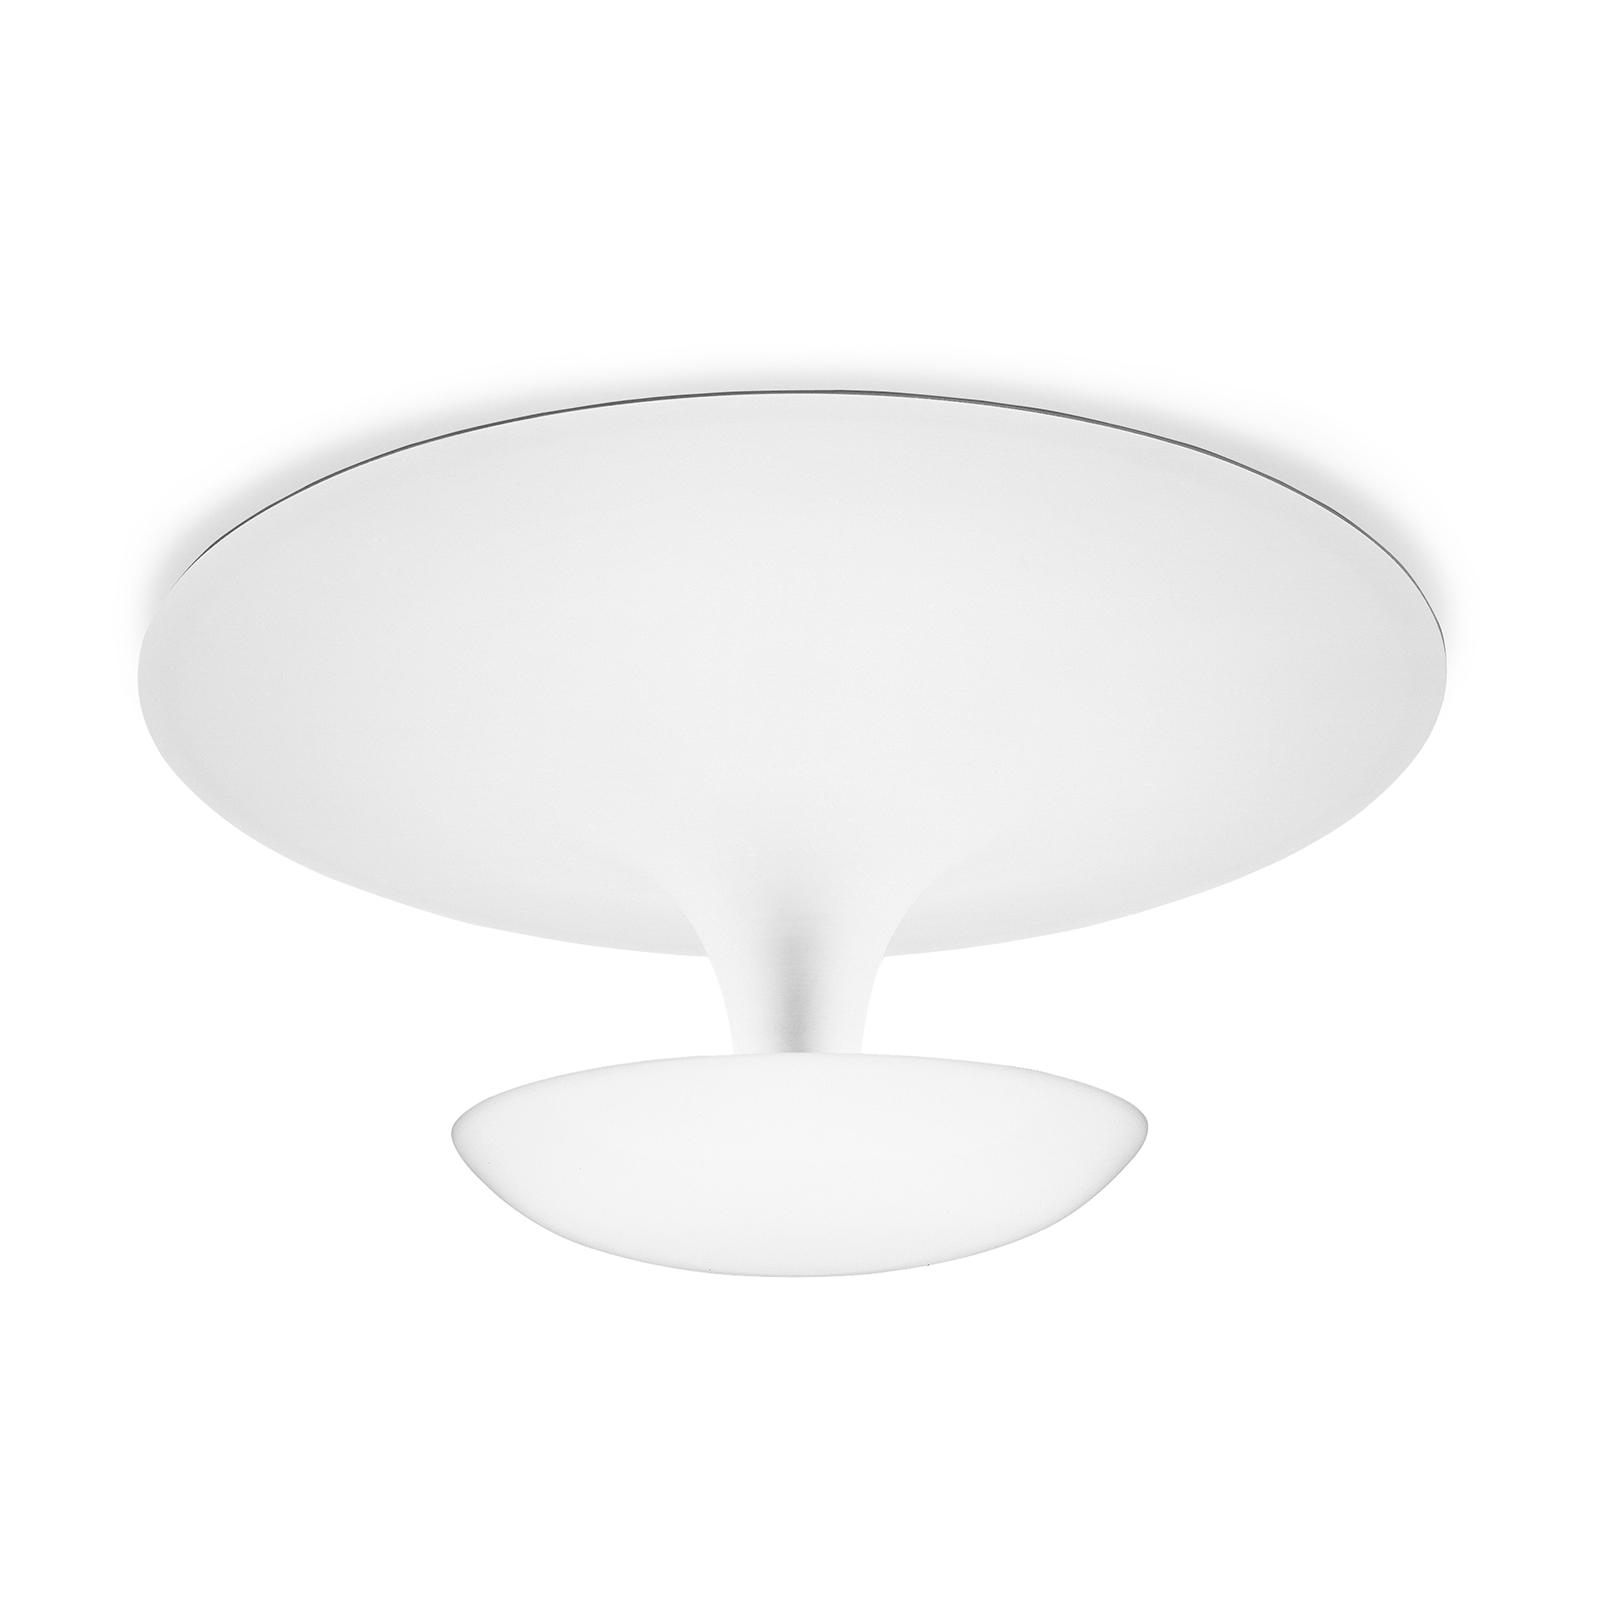 Vibia Funnel - Deckenleuchte 35 cm, weiß matt